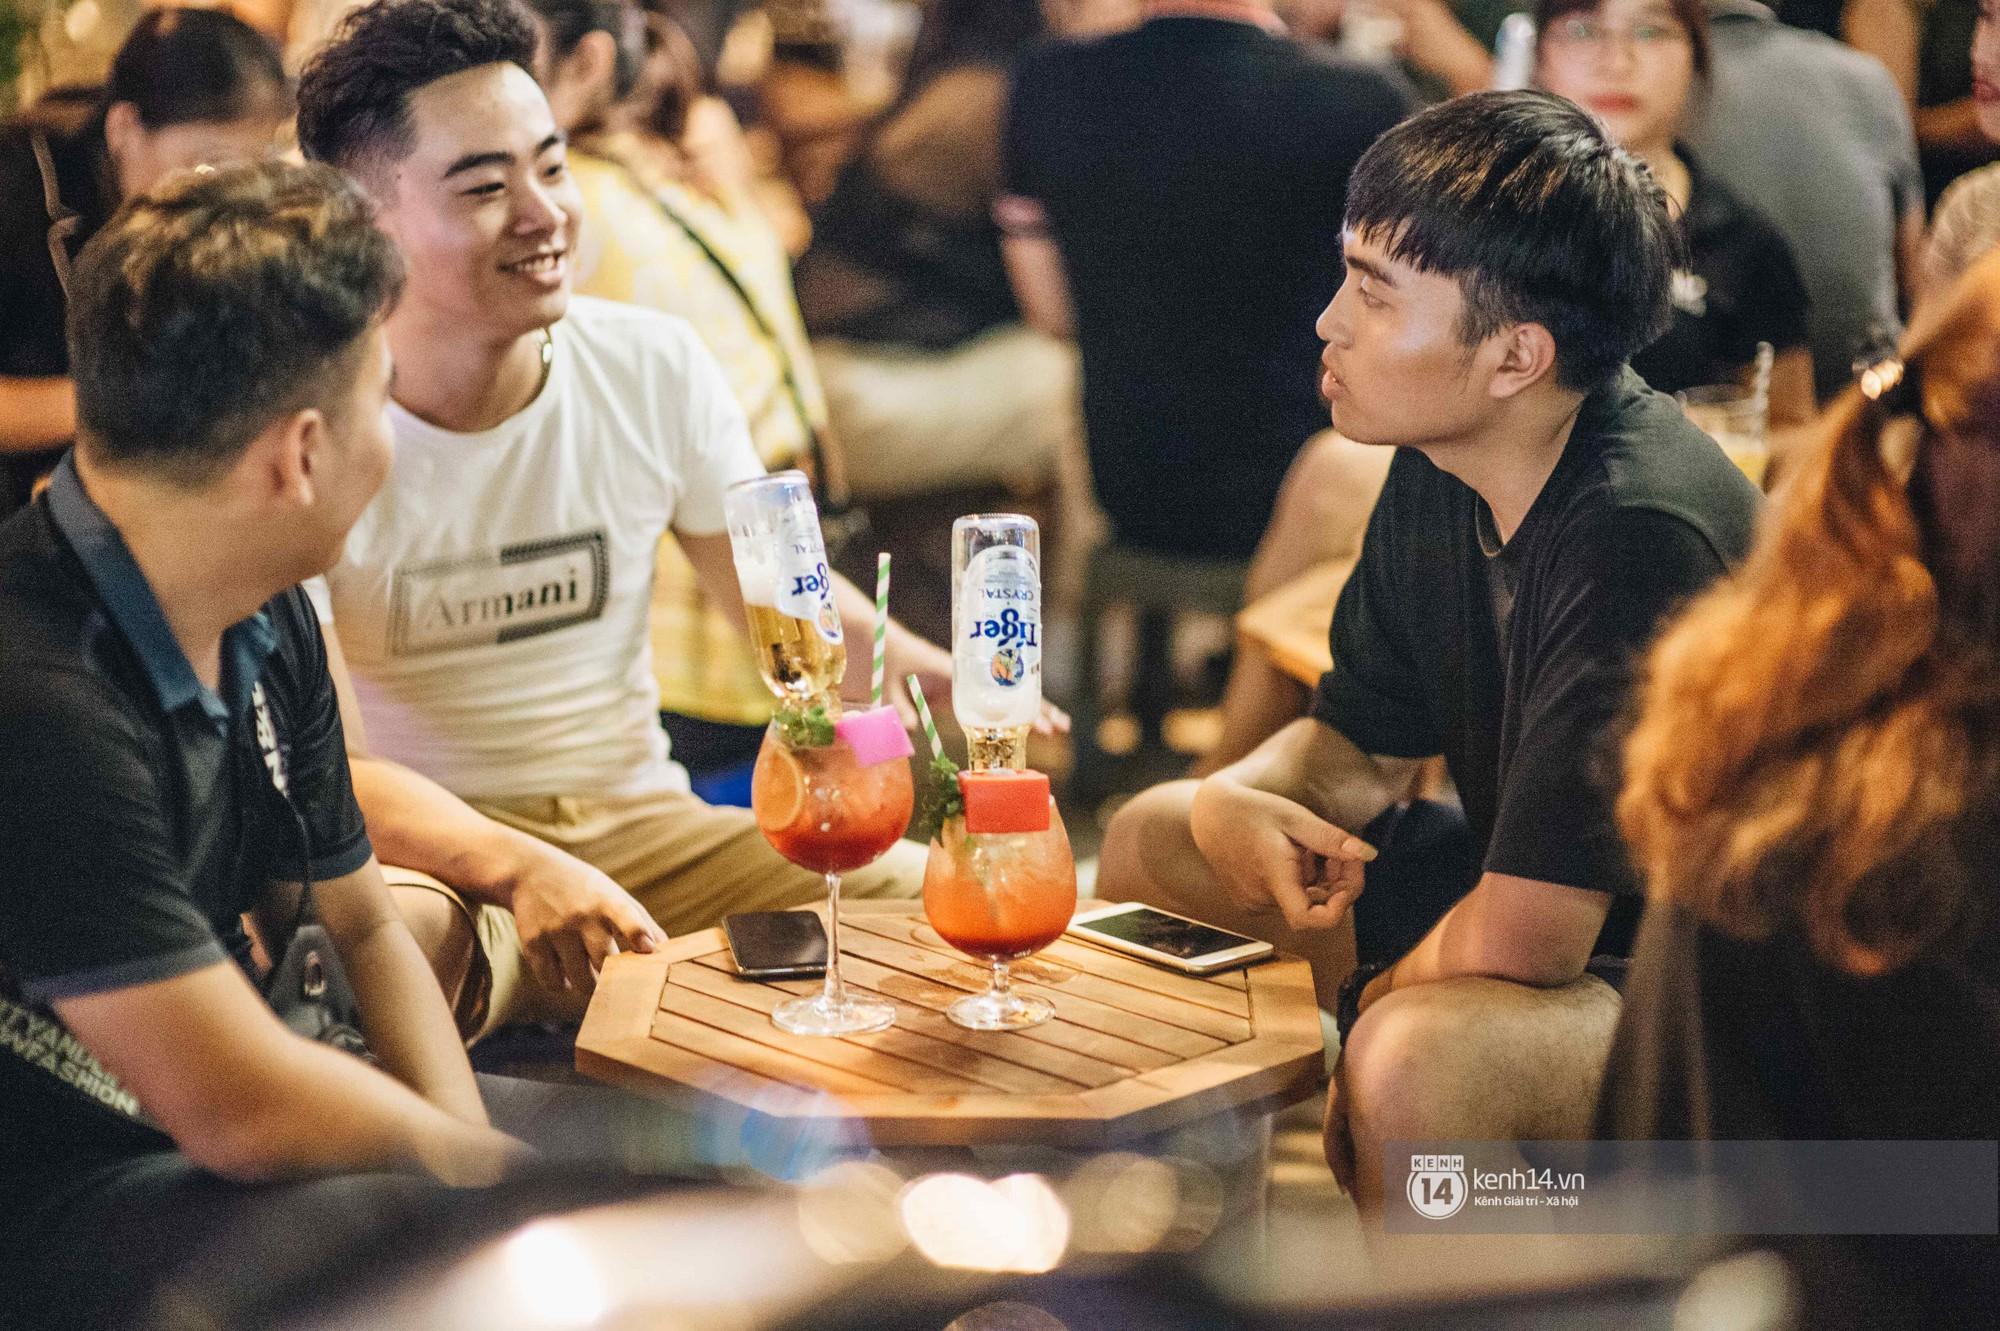 VZN News: Giới trẻ Hà Nội đổ xô đi thử bia úp ngược: chật kín chỗ, nhiều khách phải ngậm ngùi đi về - Ảnh 9.